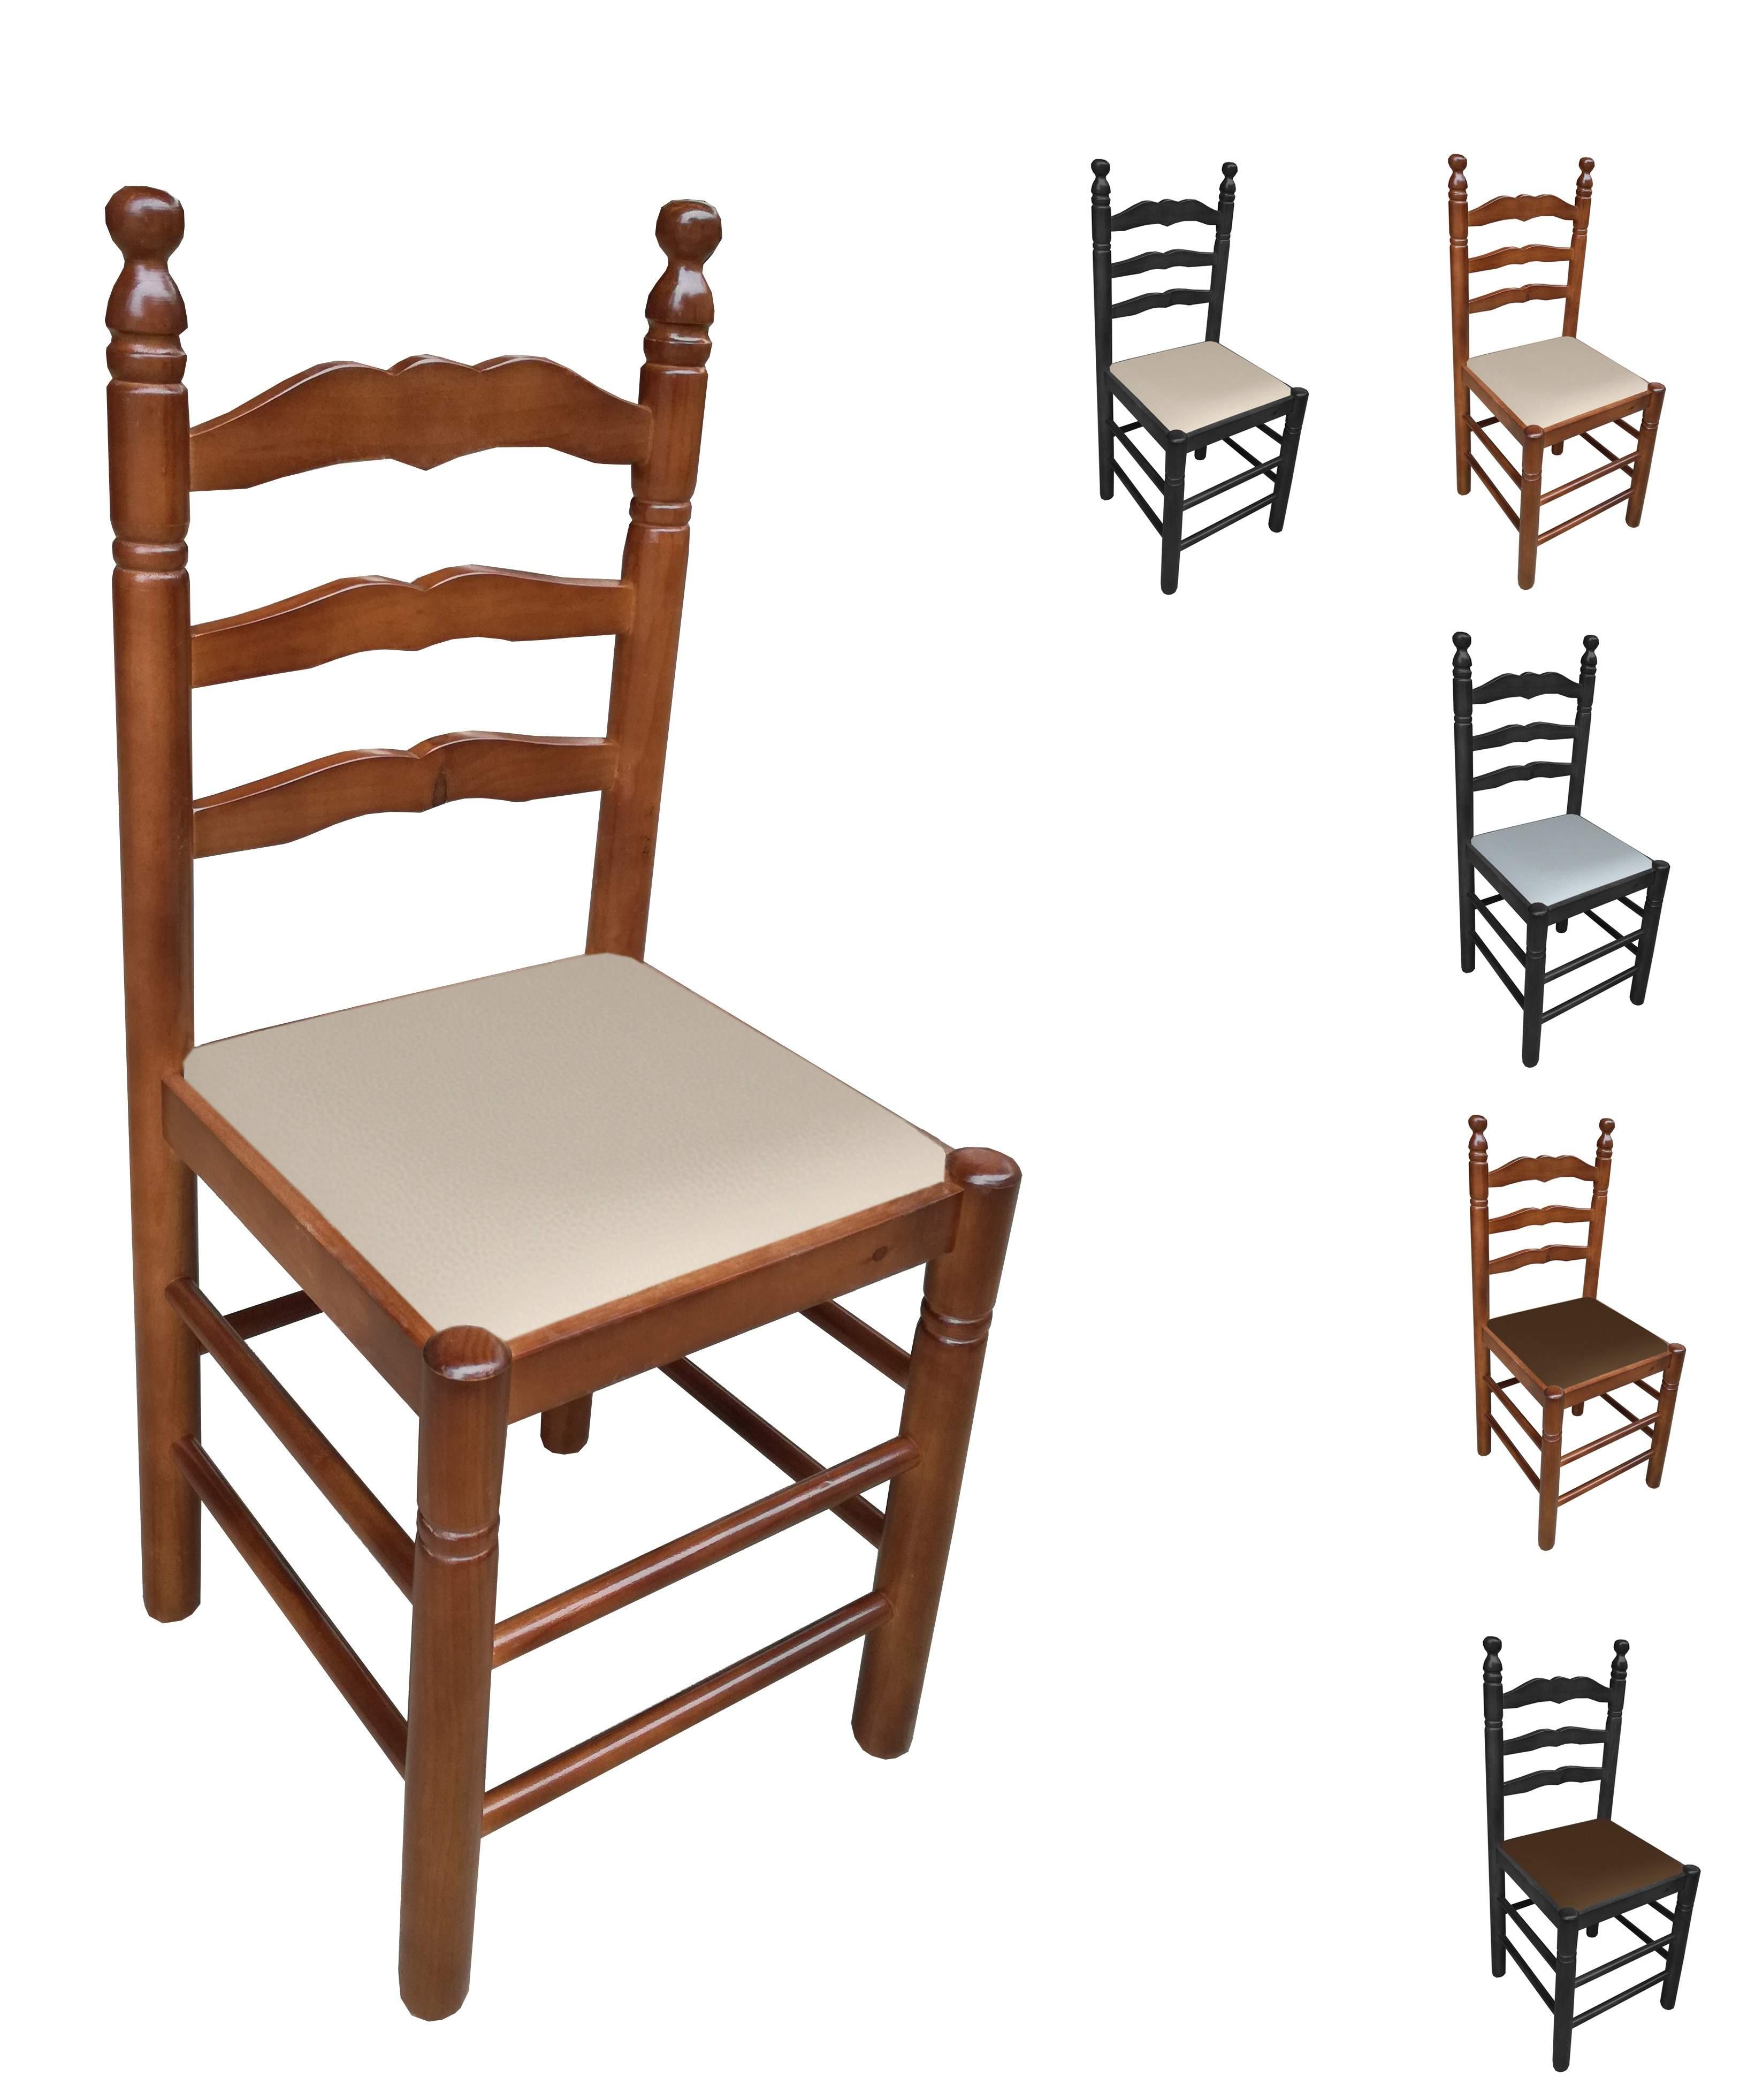 Sillas de enea (anea) y madera para hostelería y hogar. Envío ...